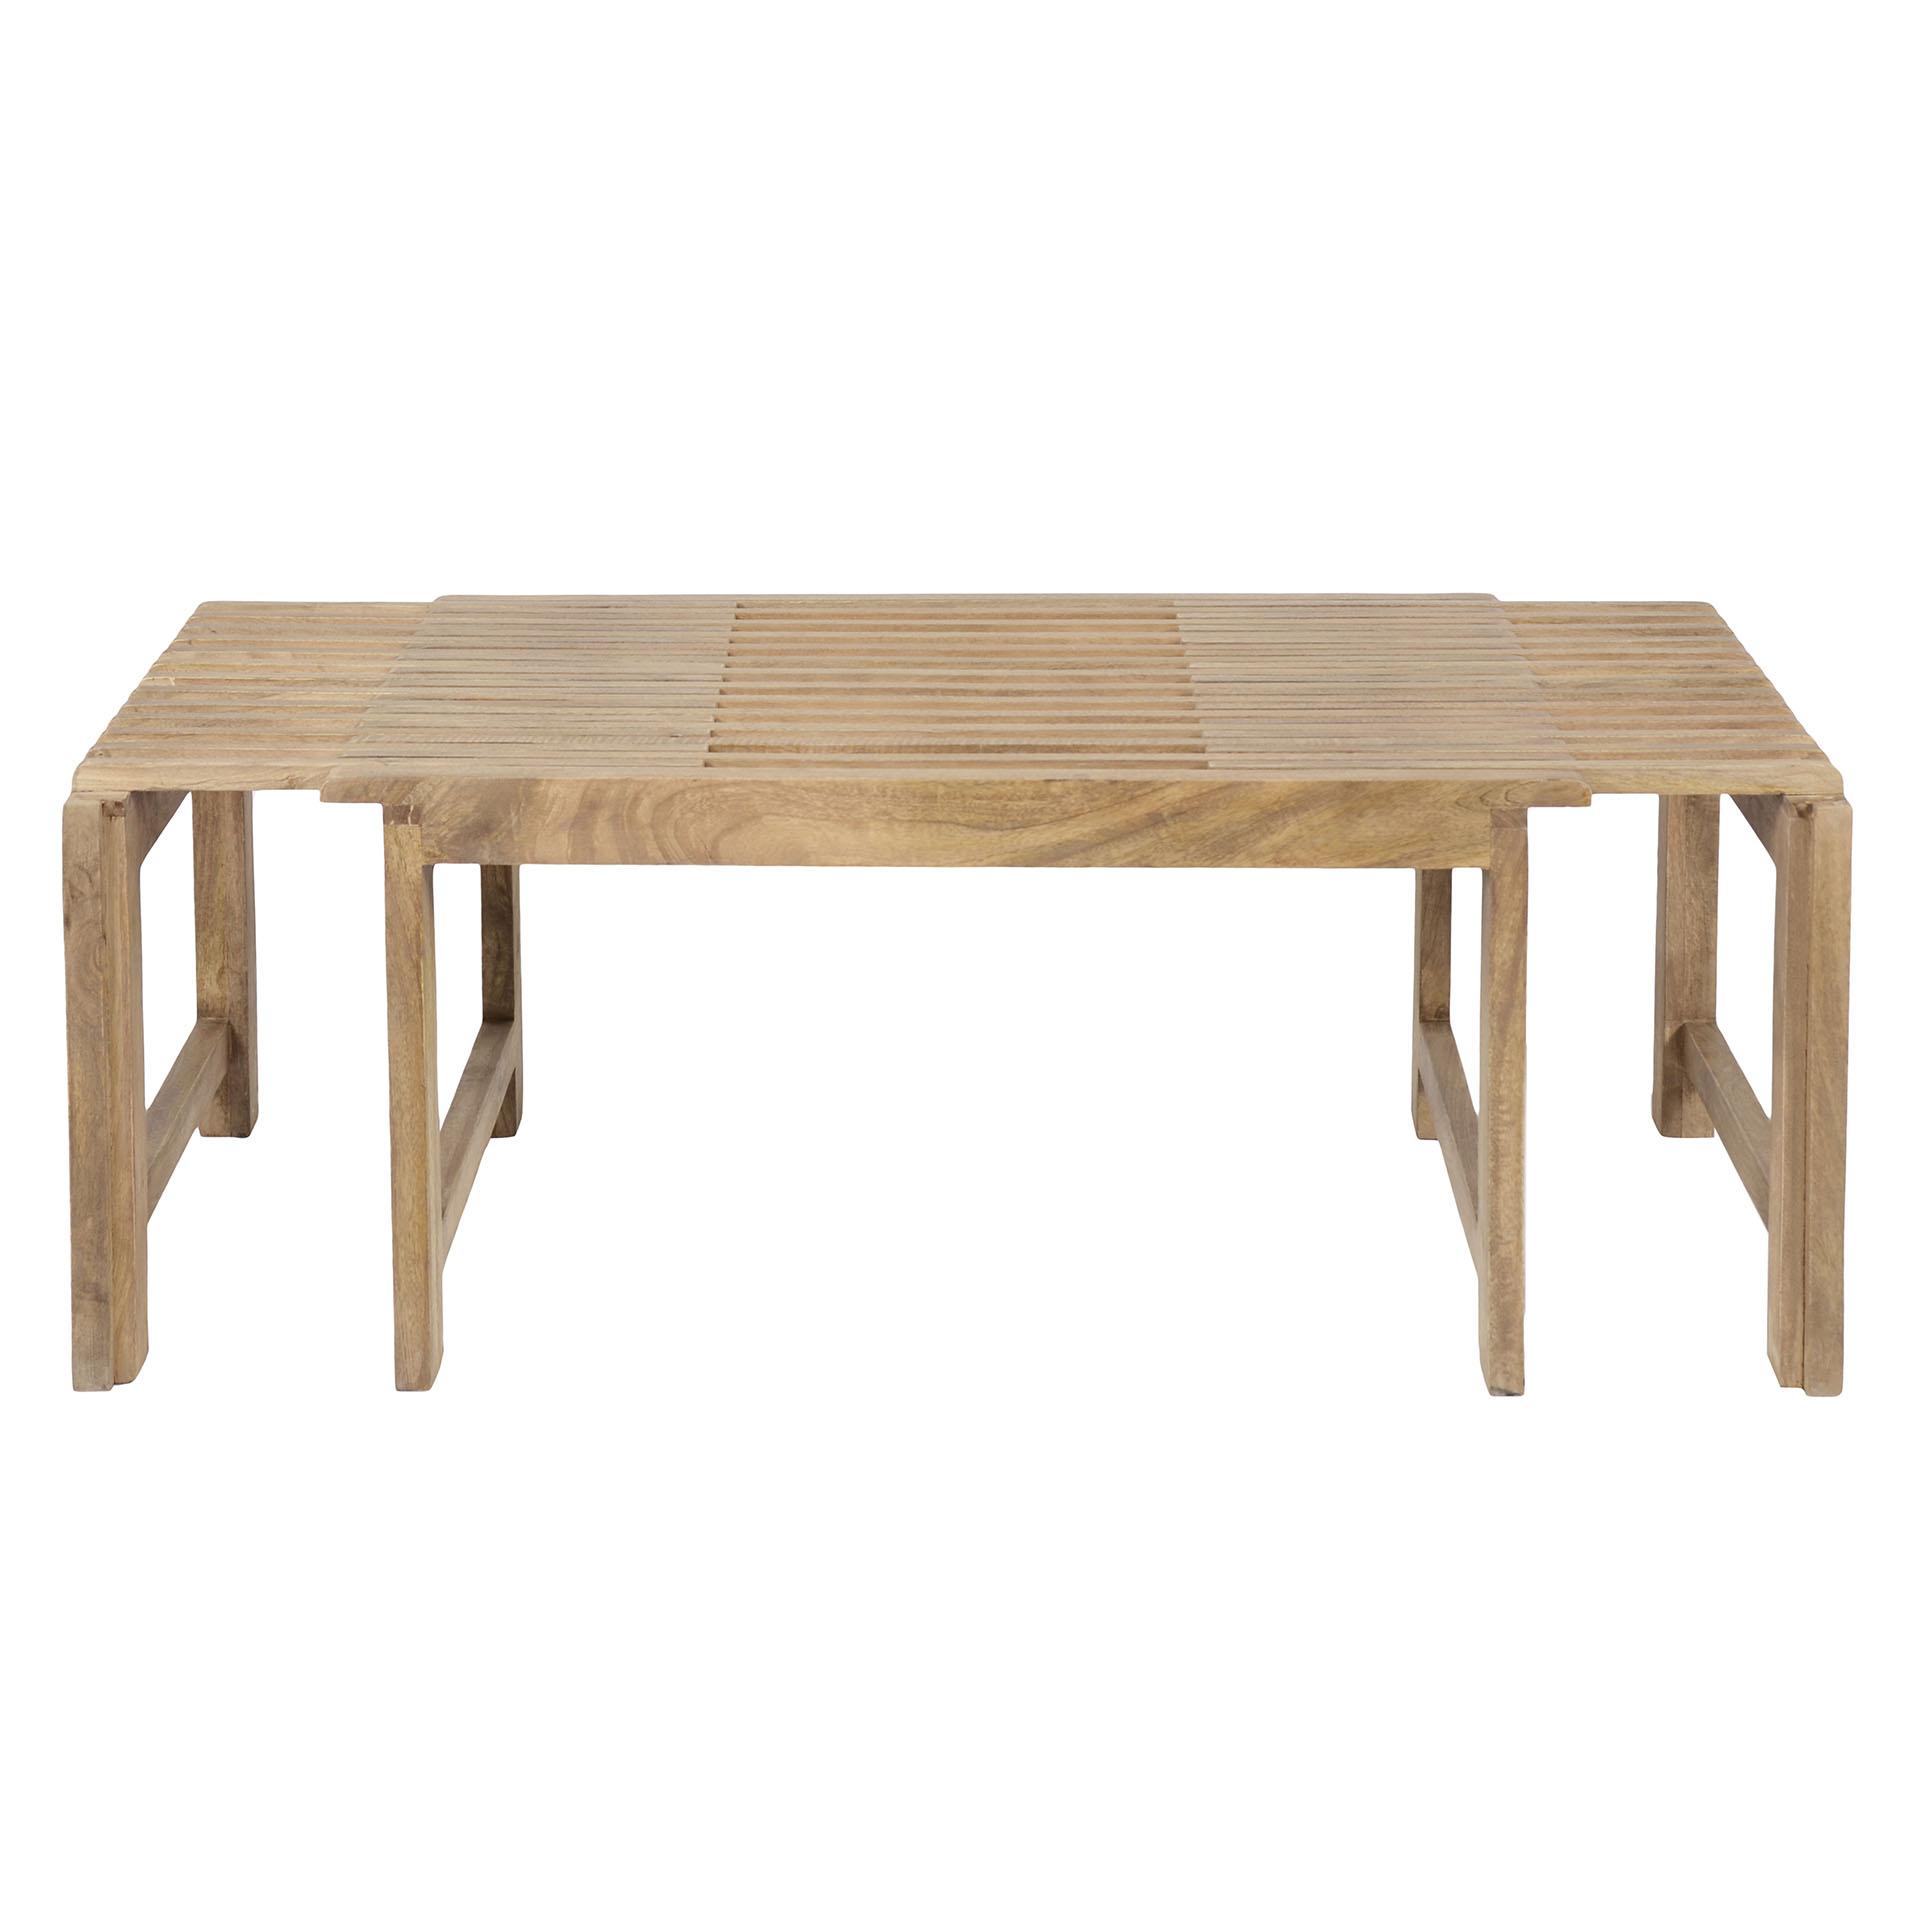 Table Basse Extensible Bois Massif De Manguier Mundra Tables